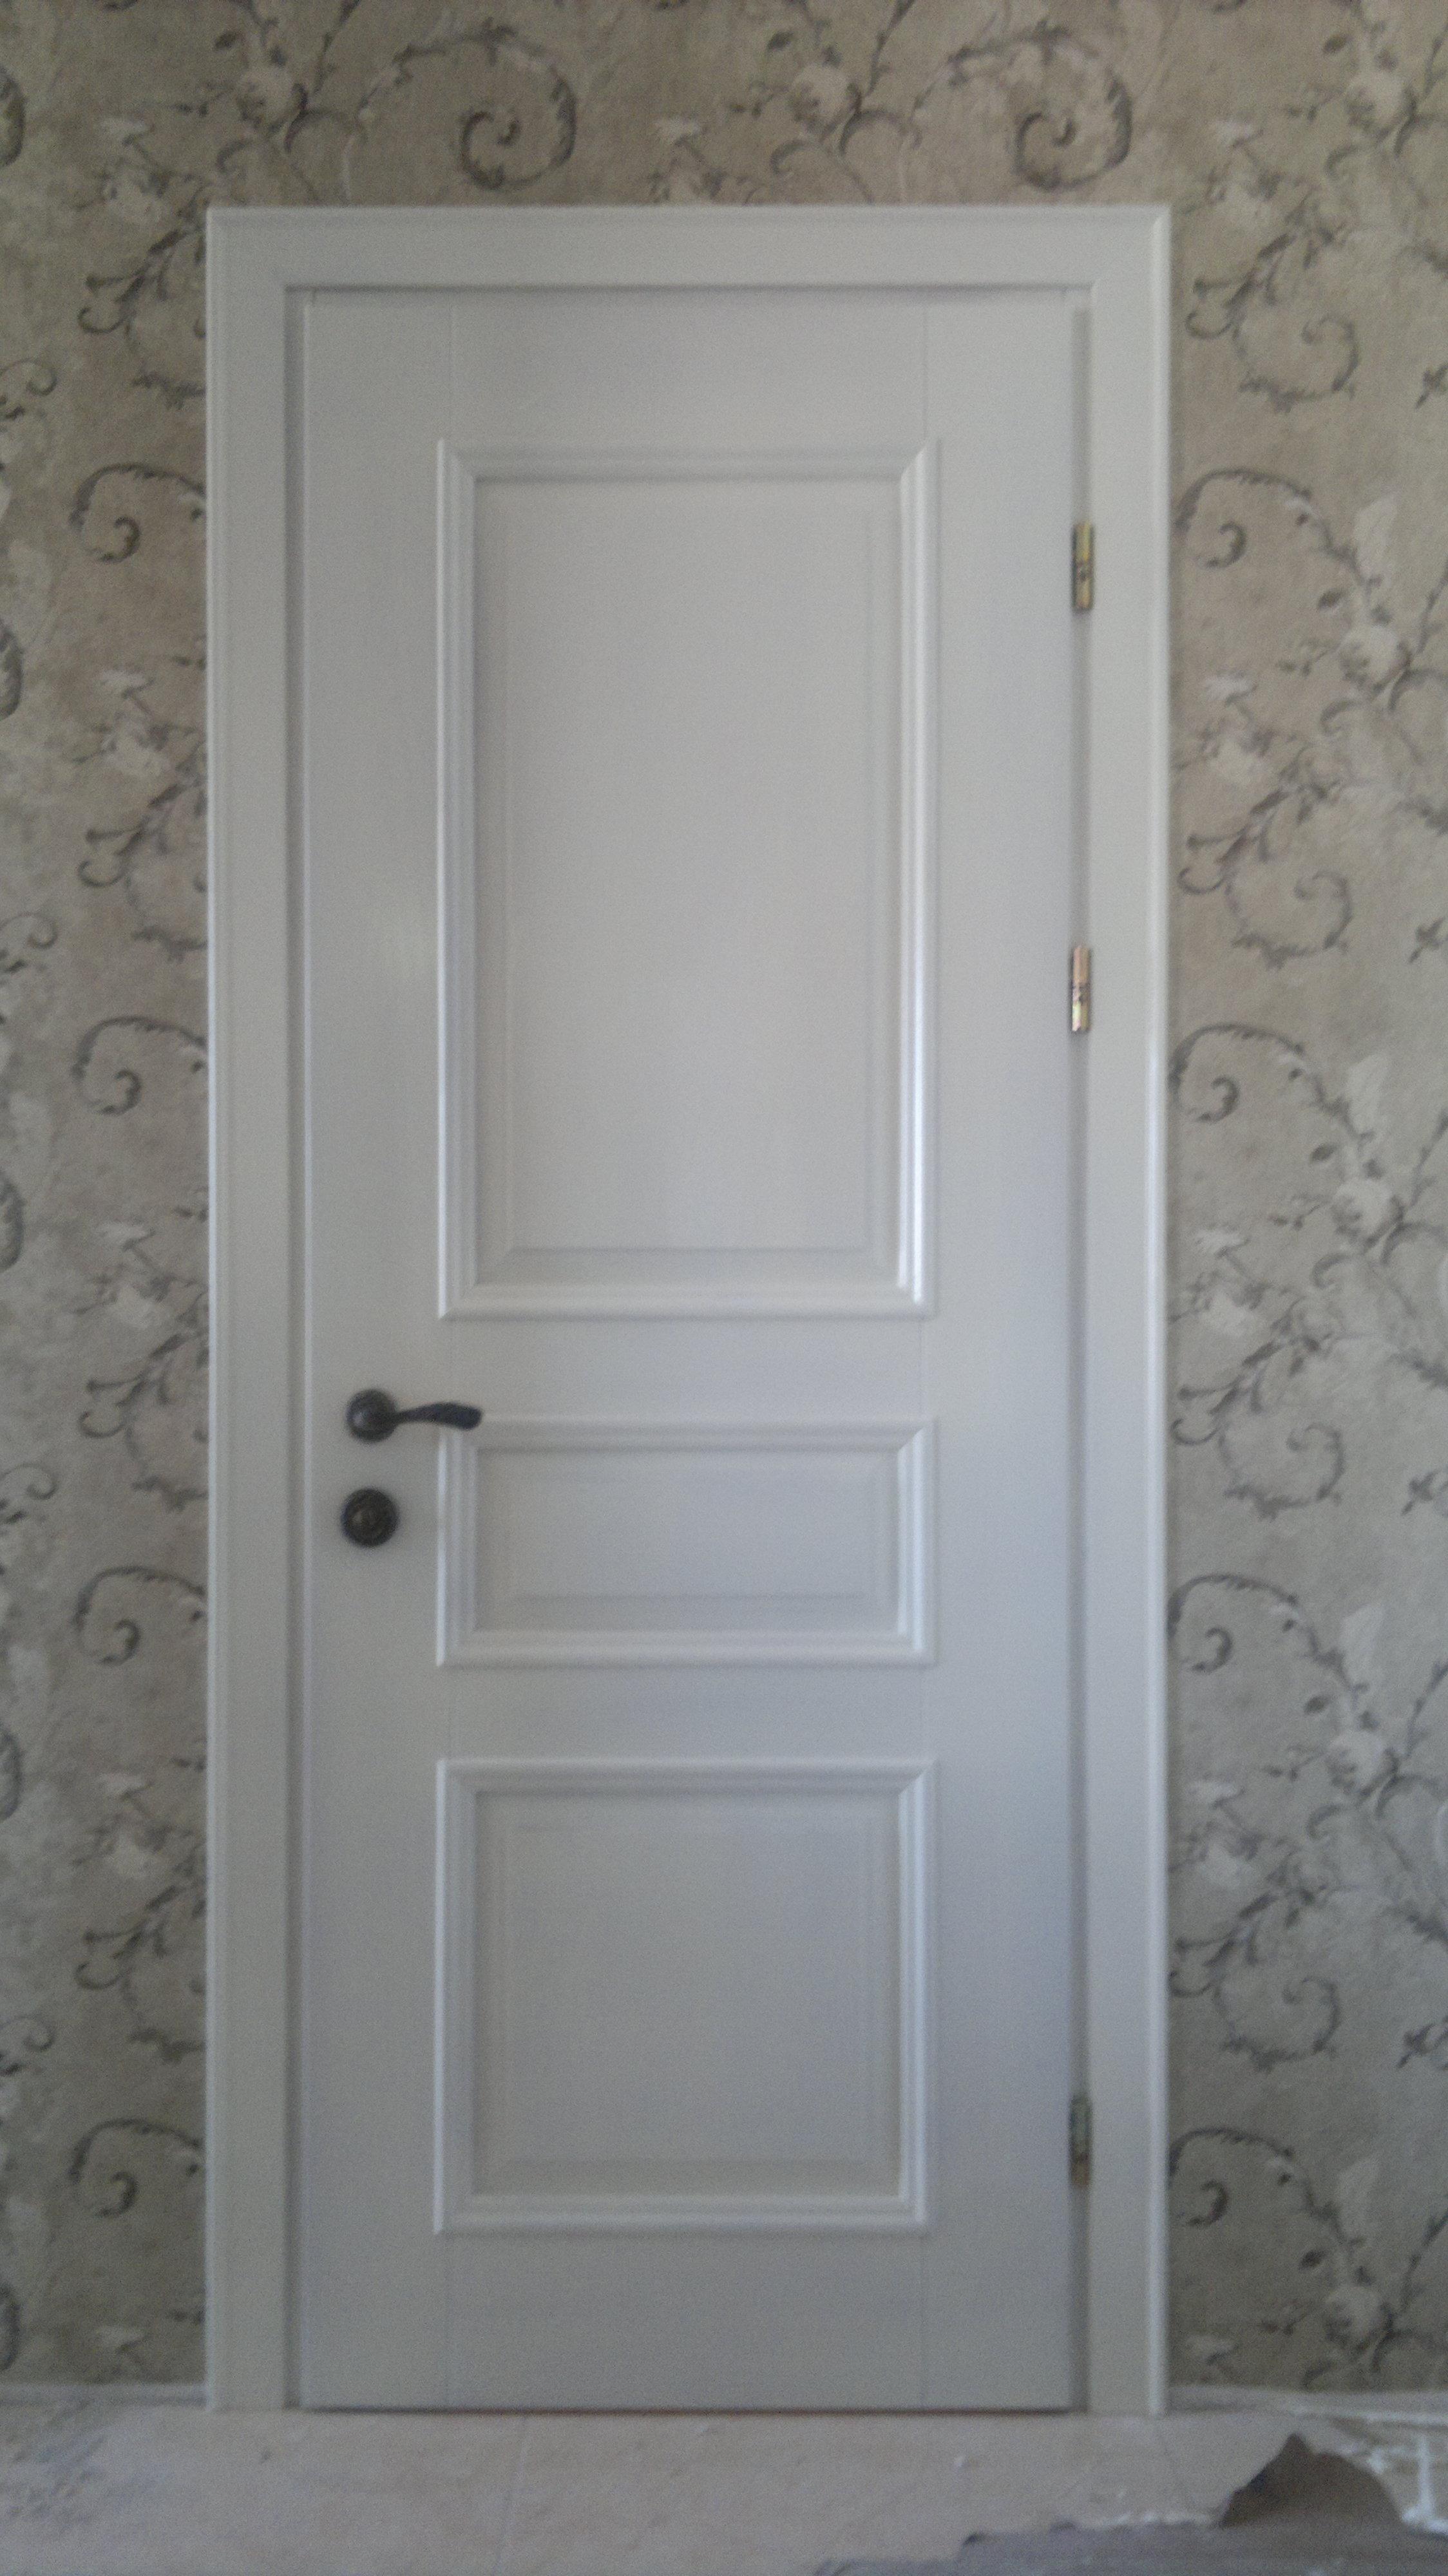 Міжкімнатні дерев'яні двері в стилі мінімалізм замовити